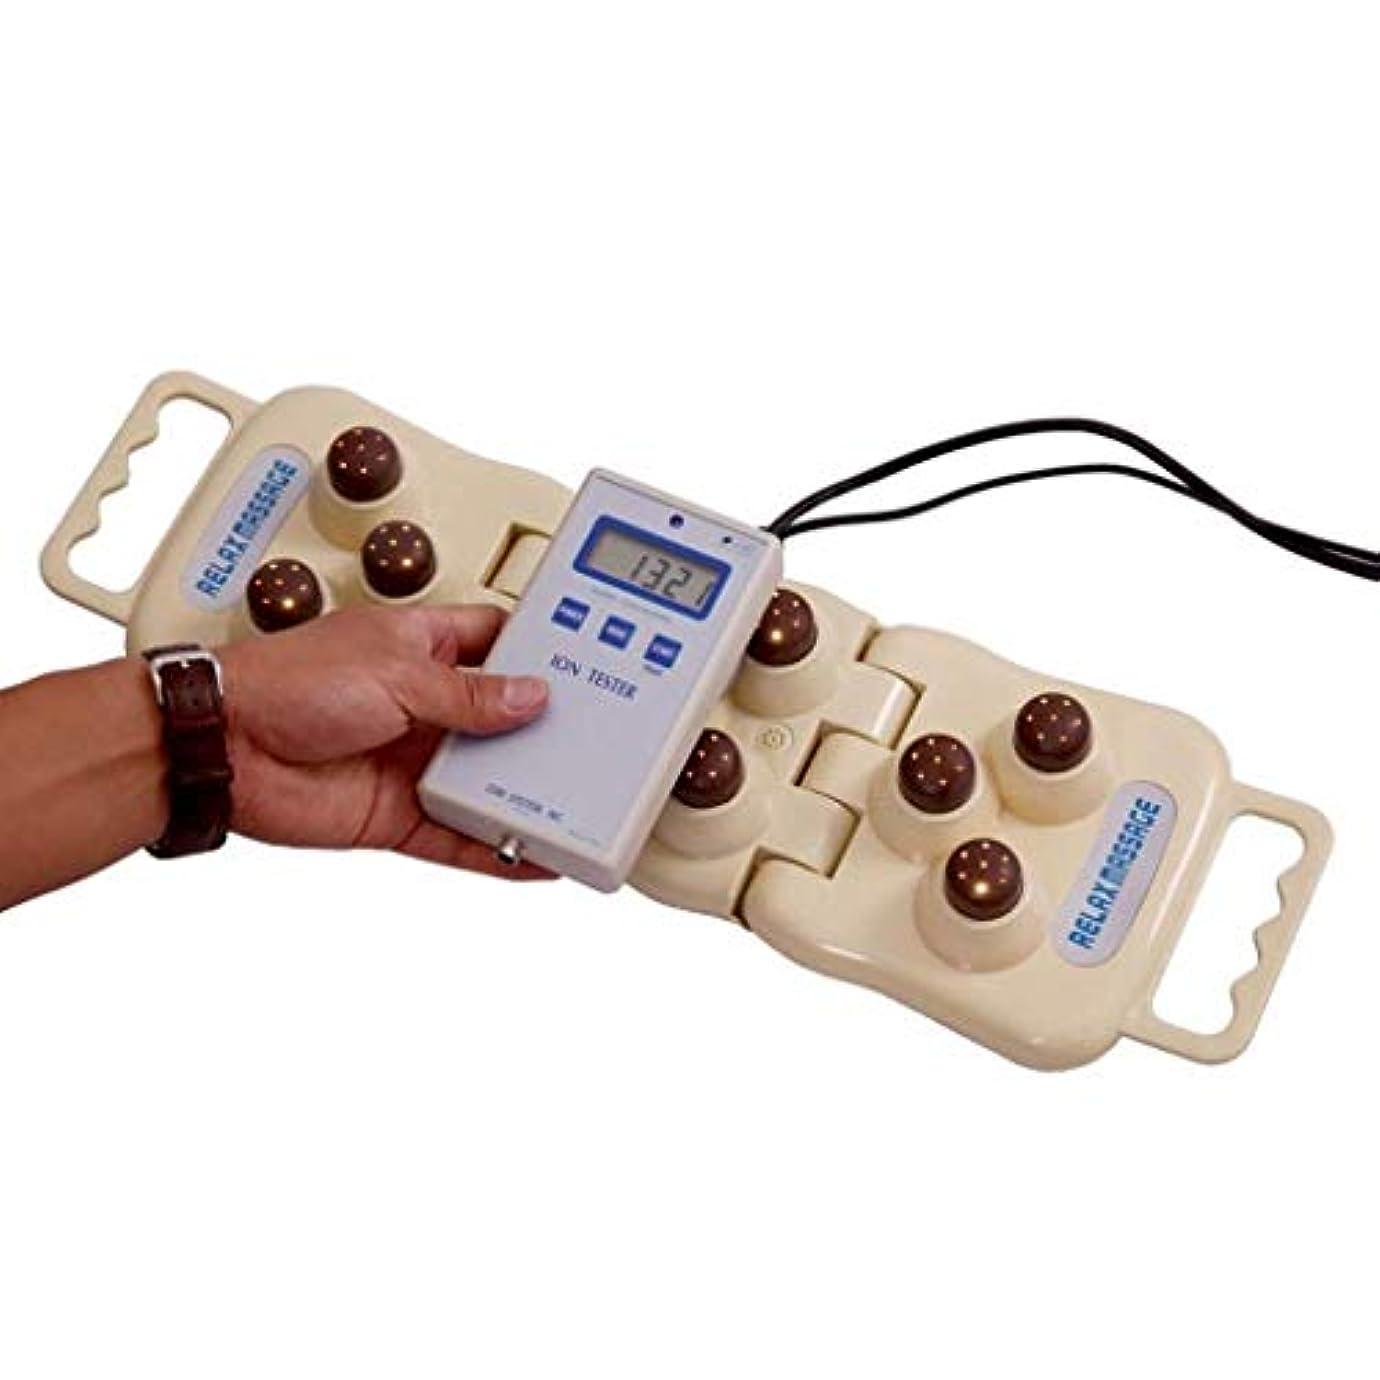 戻す船形ワーカー電気マッサージ器、トルマリン理学療法頸椎健康機器、暖房理学療法器具、膝/肩/腰/脚マッサージ、全身ヒーターマッサージリラックス